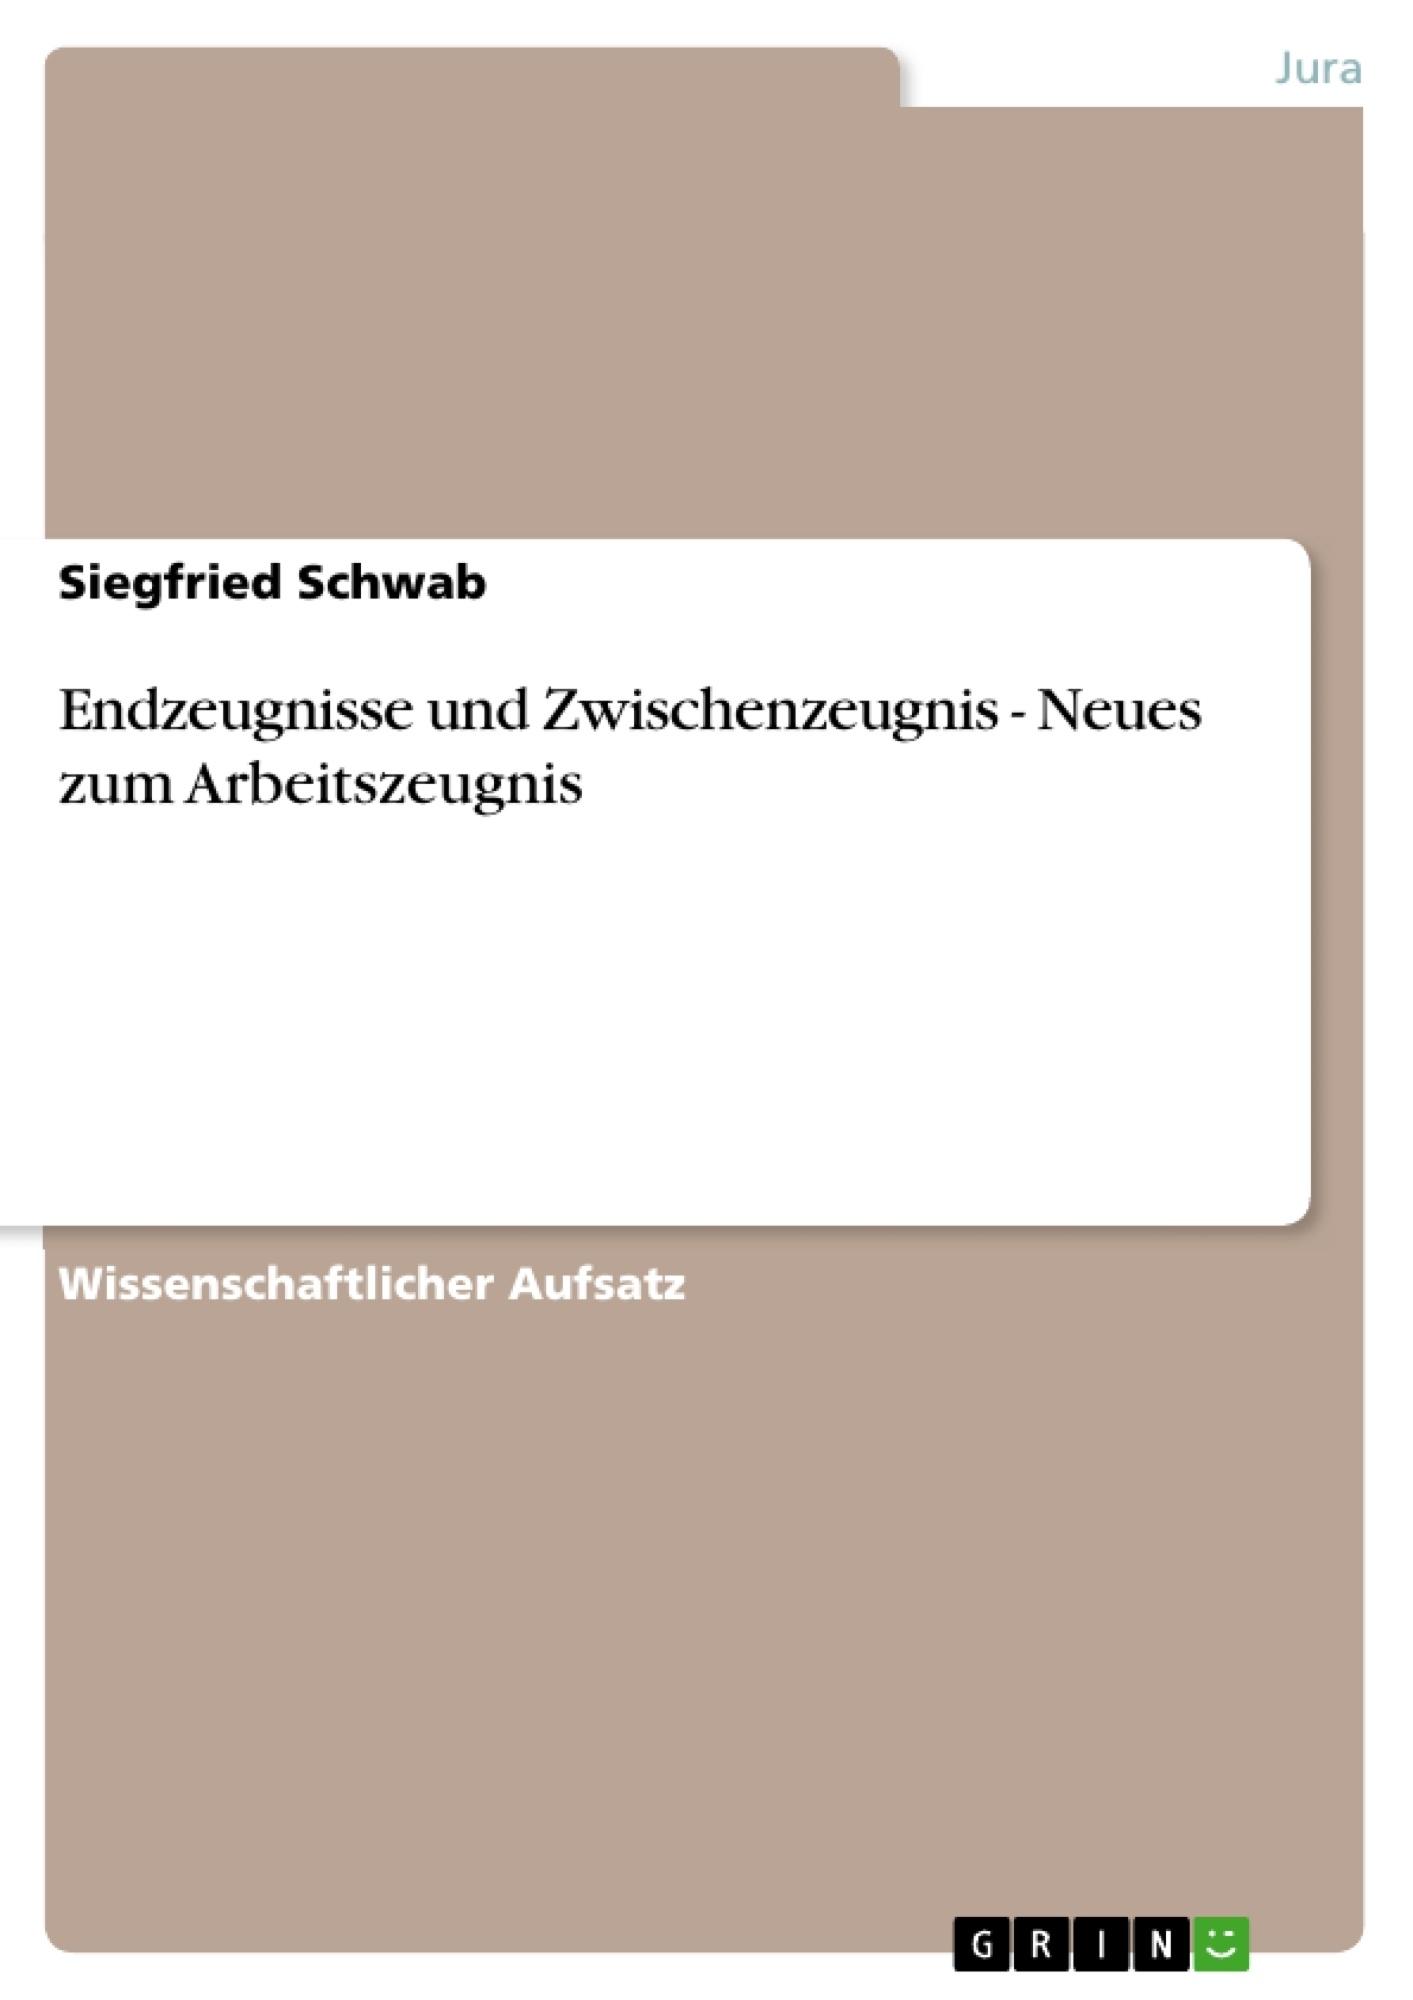 Titel: Endzeugnisse und Zwischenzeugnis - Neues zum Arbeitszeugnis